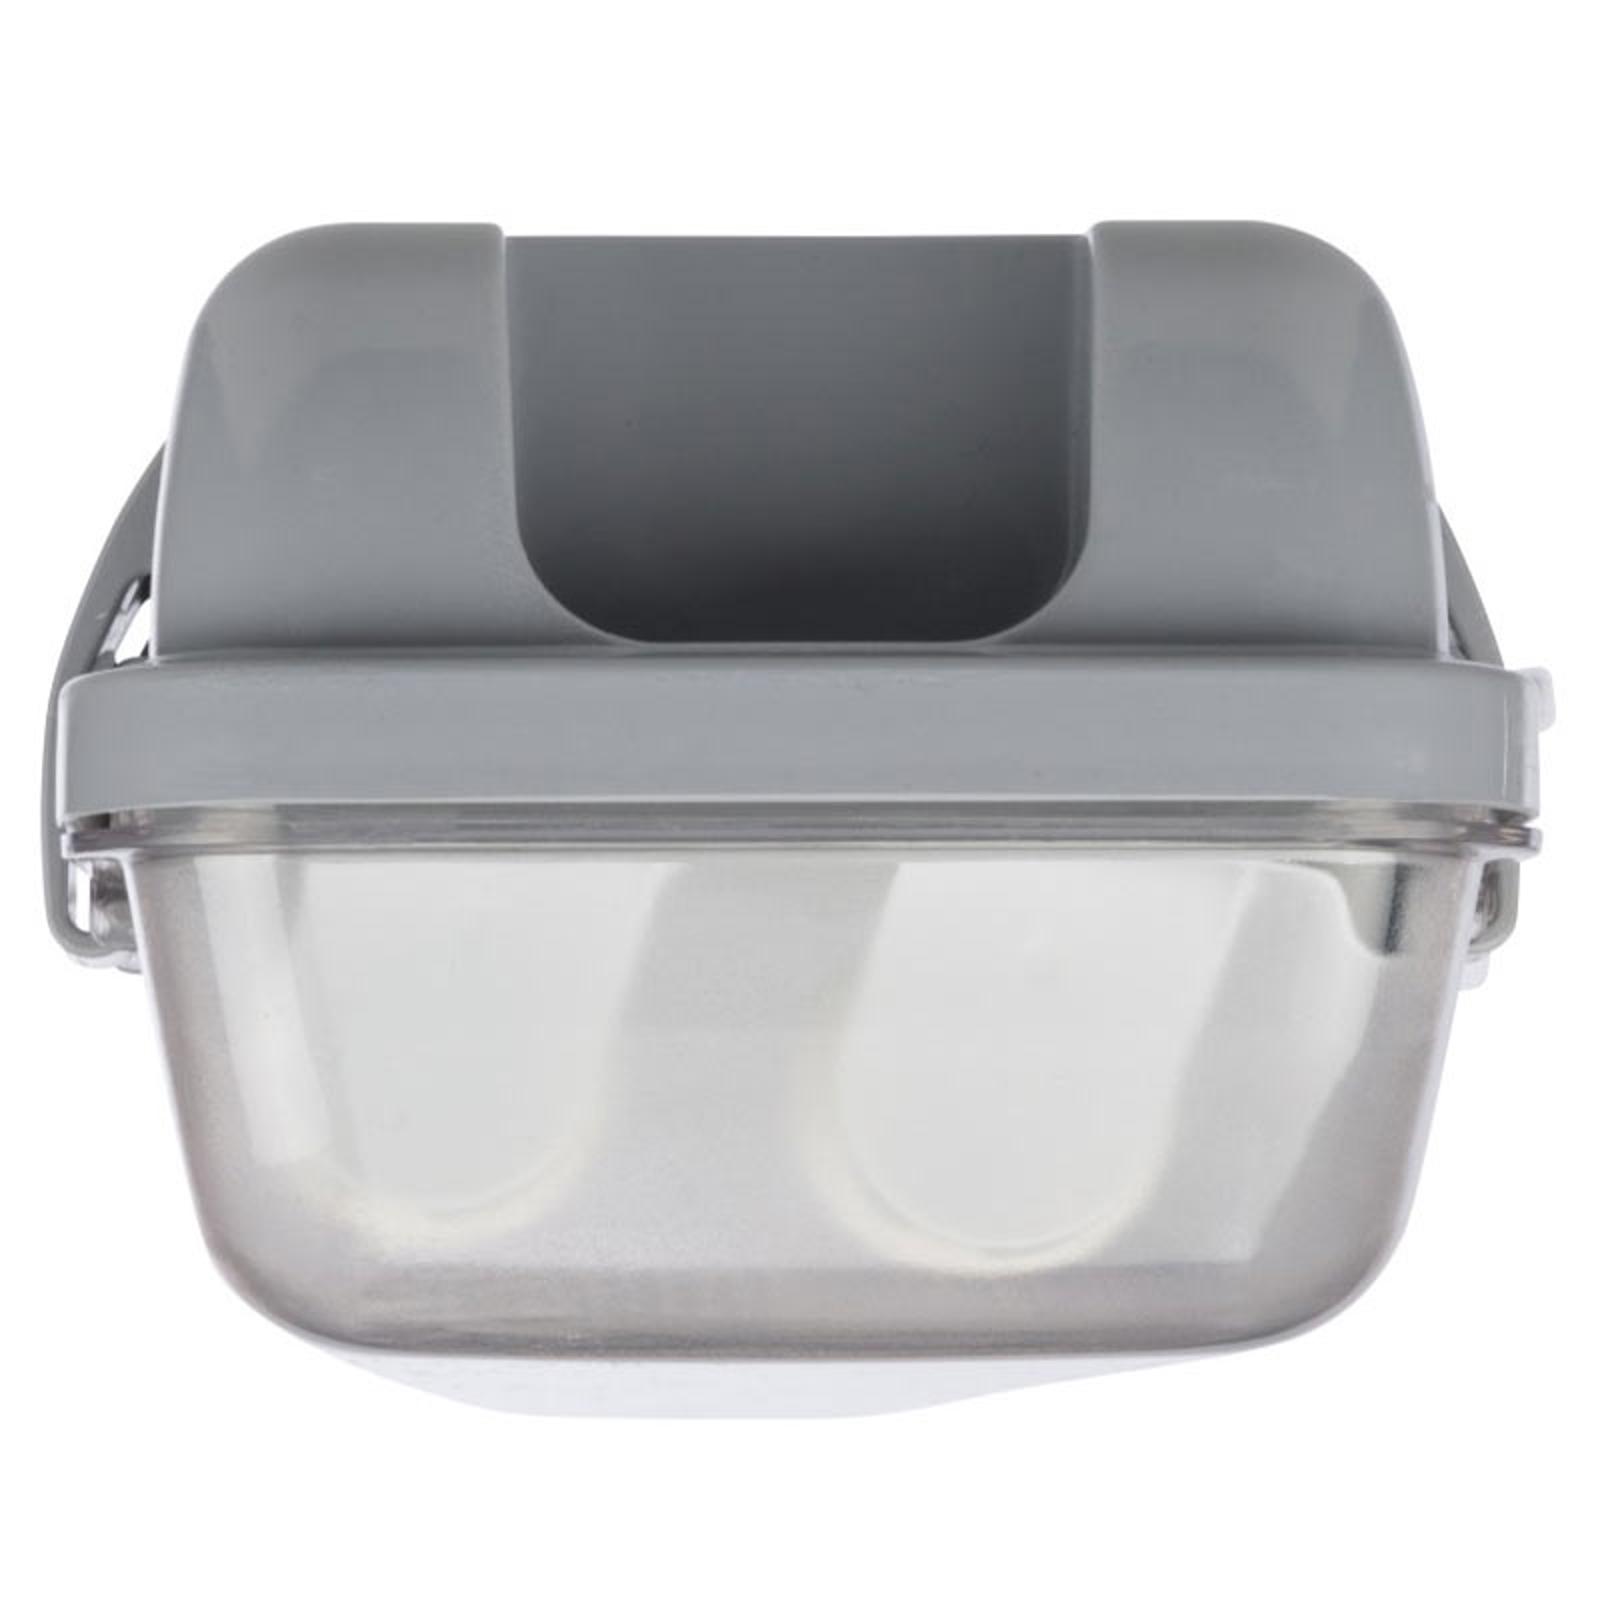 Aqua-Promo lampa sufitowa LED 150 cm 2-punktowa